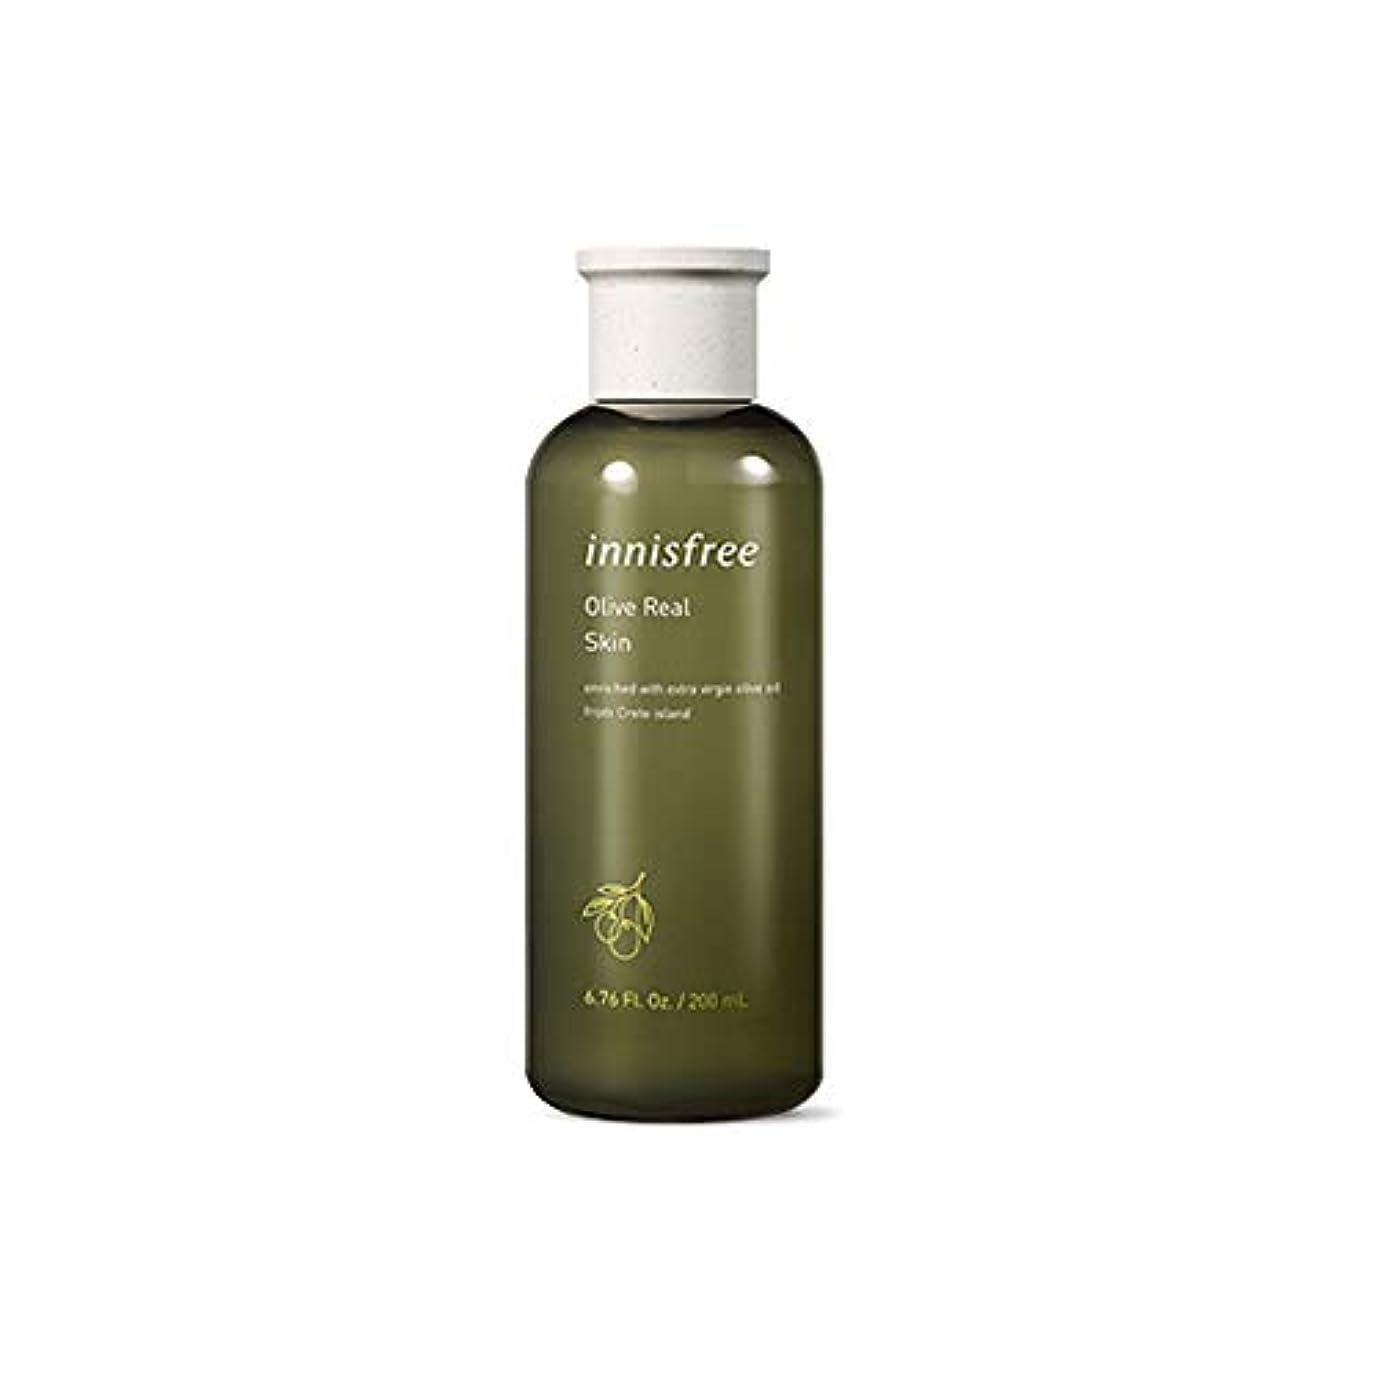 廃止する町支店NEW[イニスフリー] Innisfree オリーブ リアル スキンEX (200ml) Innisfree Olive Real Skin EX(200ml) [海外直送品]